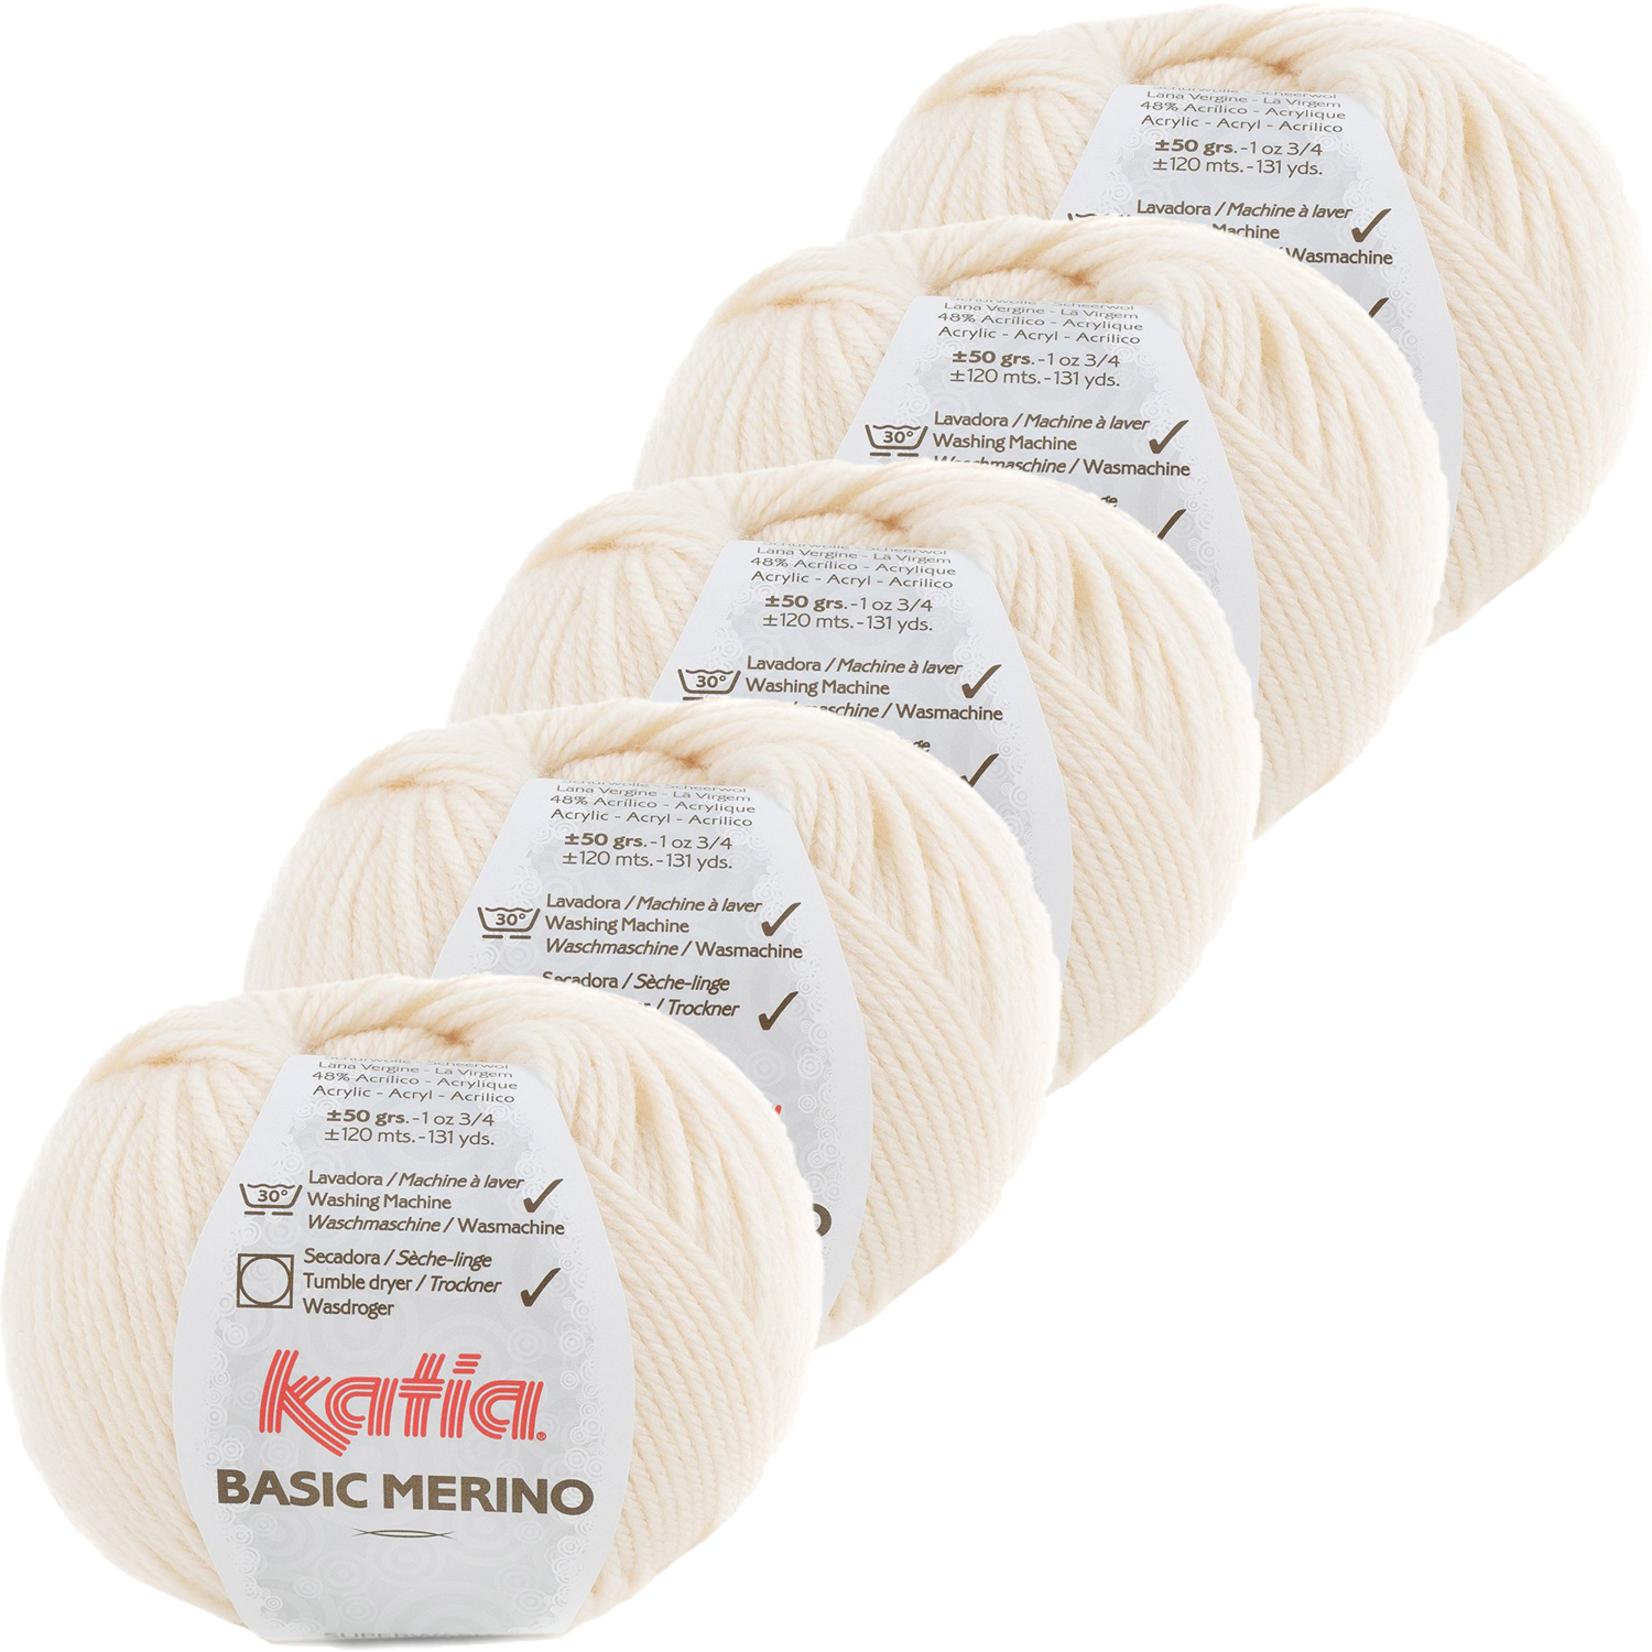 Katia Basic Merino - kleur 83_Licht ivoorkleurig - bundel 5 bollen 50 gr.  van 120 m.